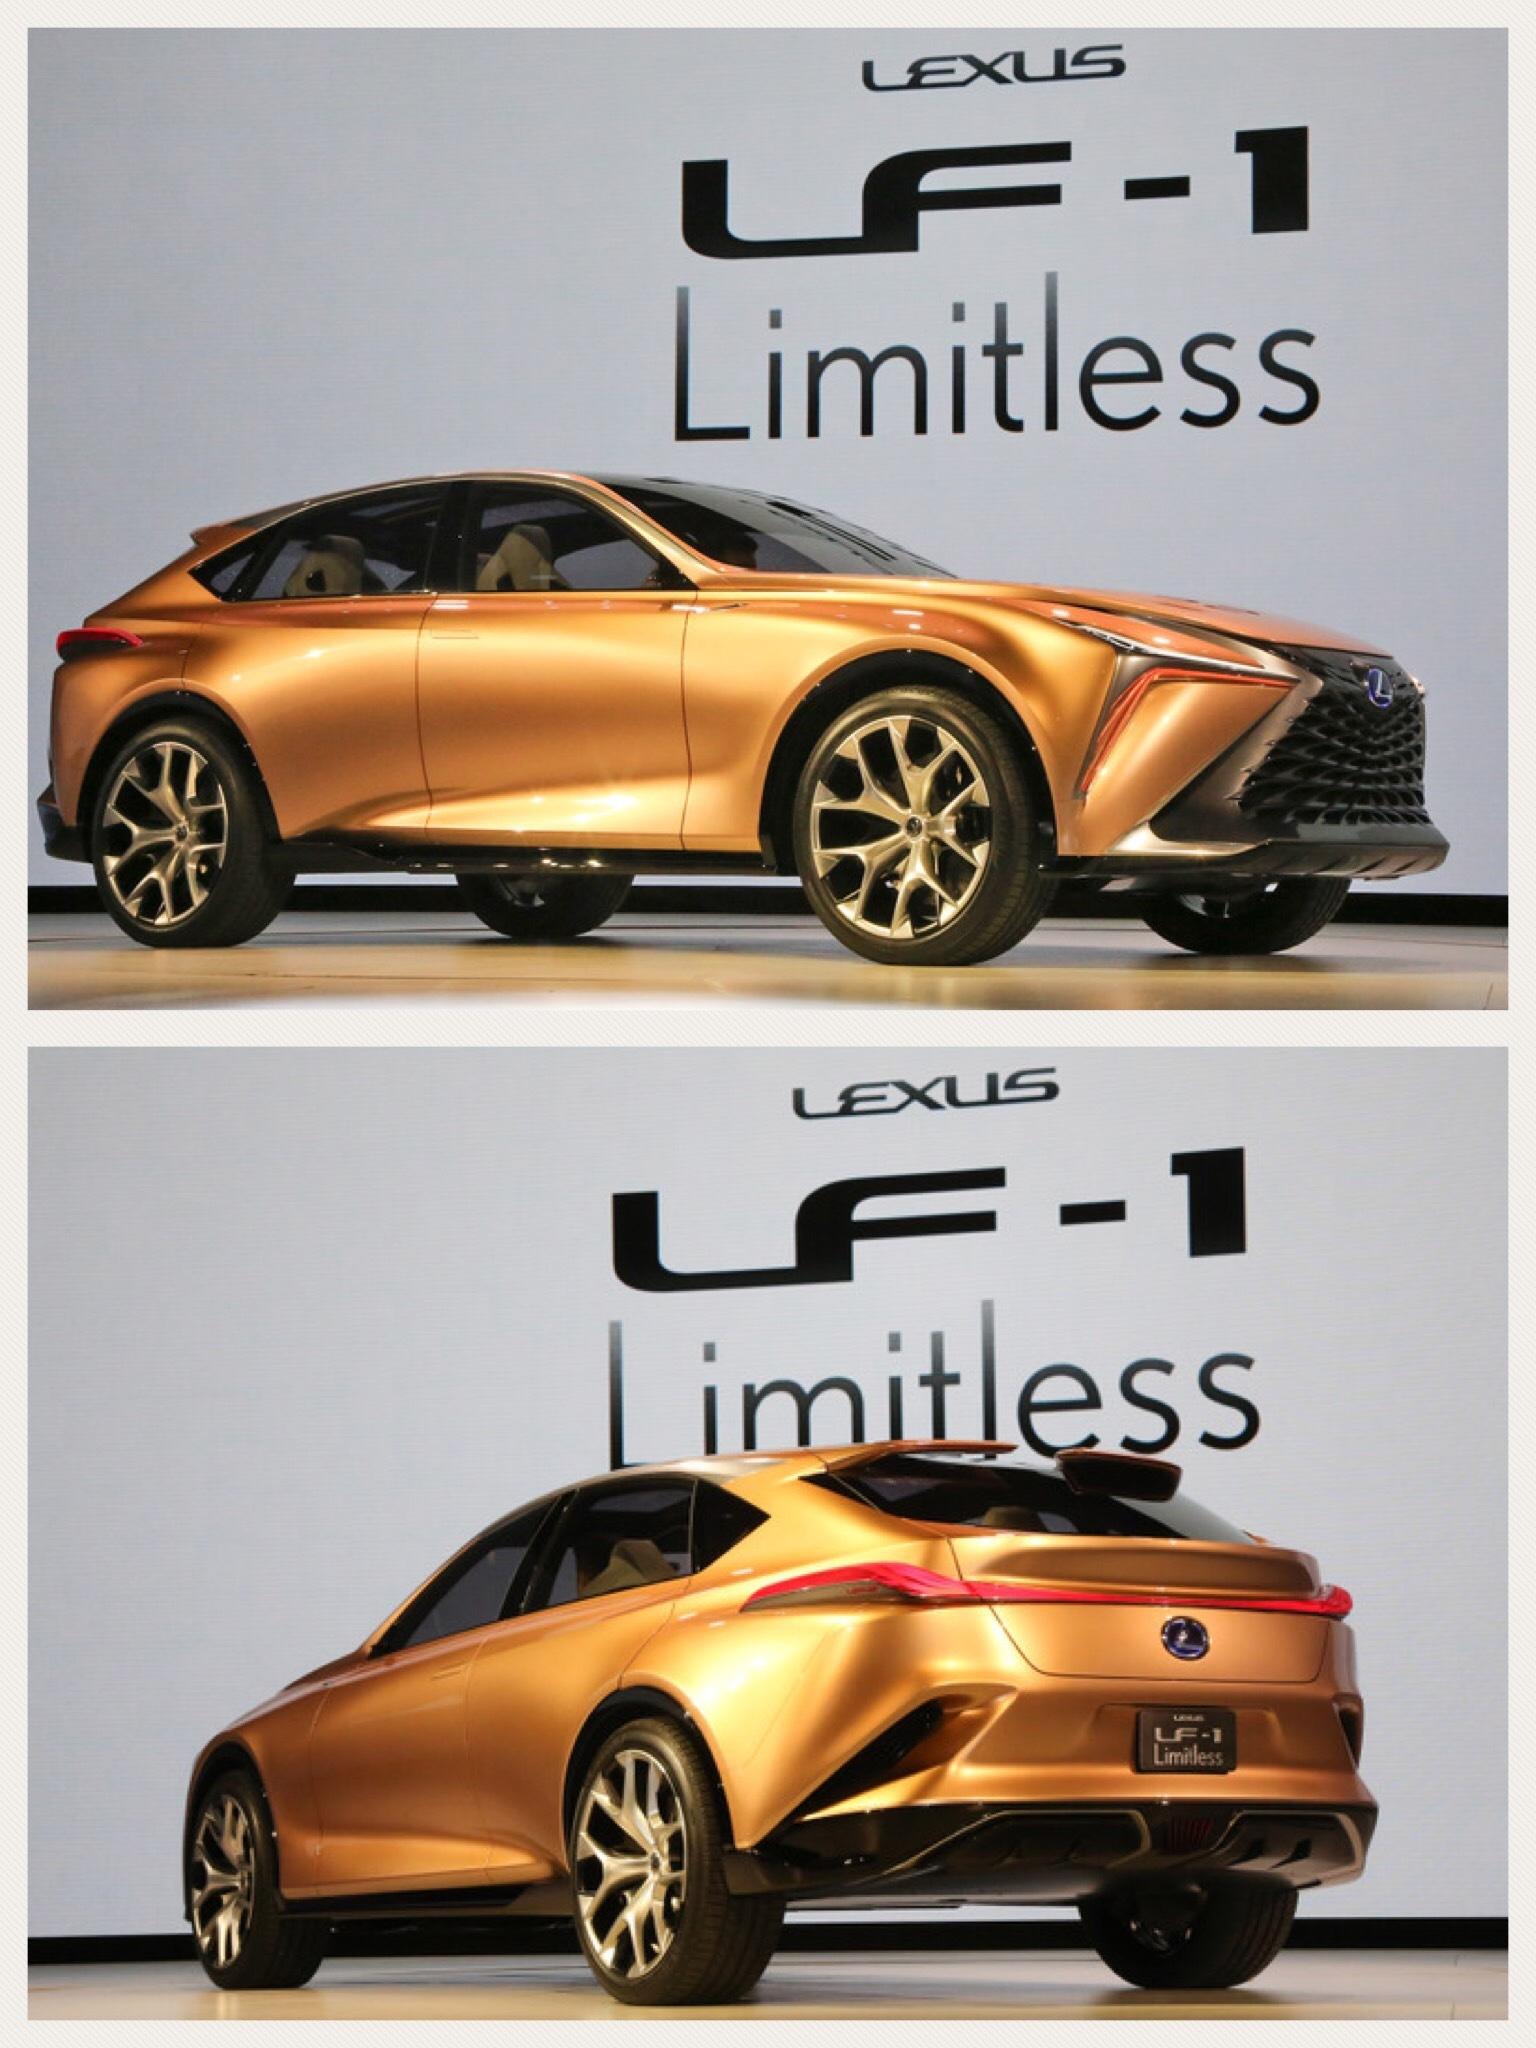 レクサス LF-1 リミットレス